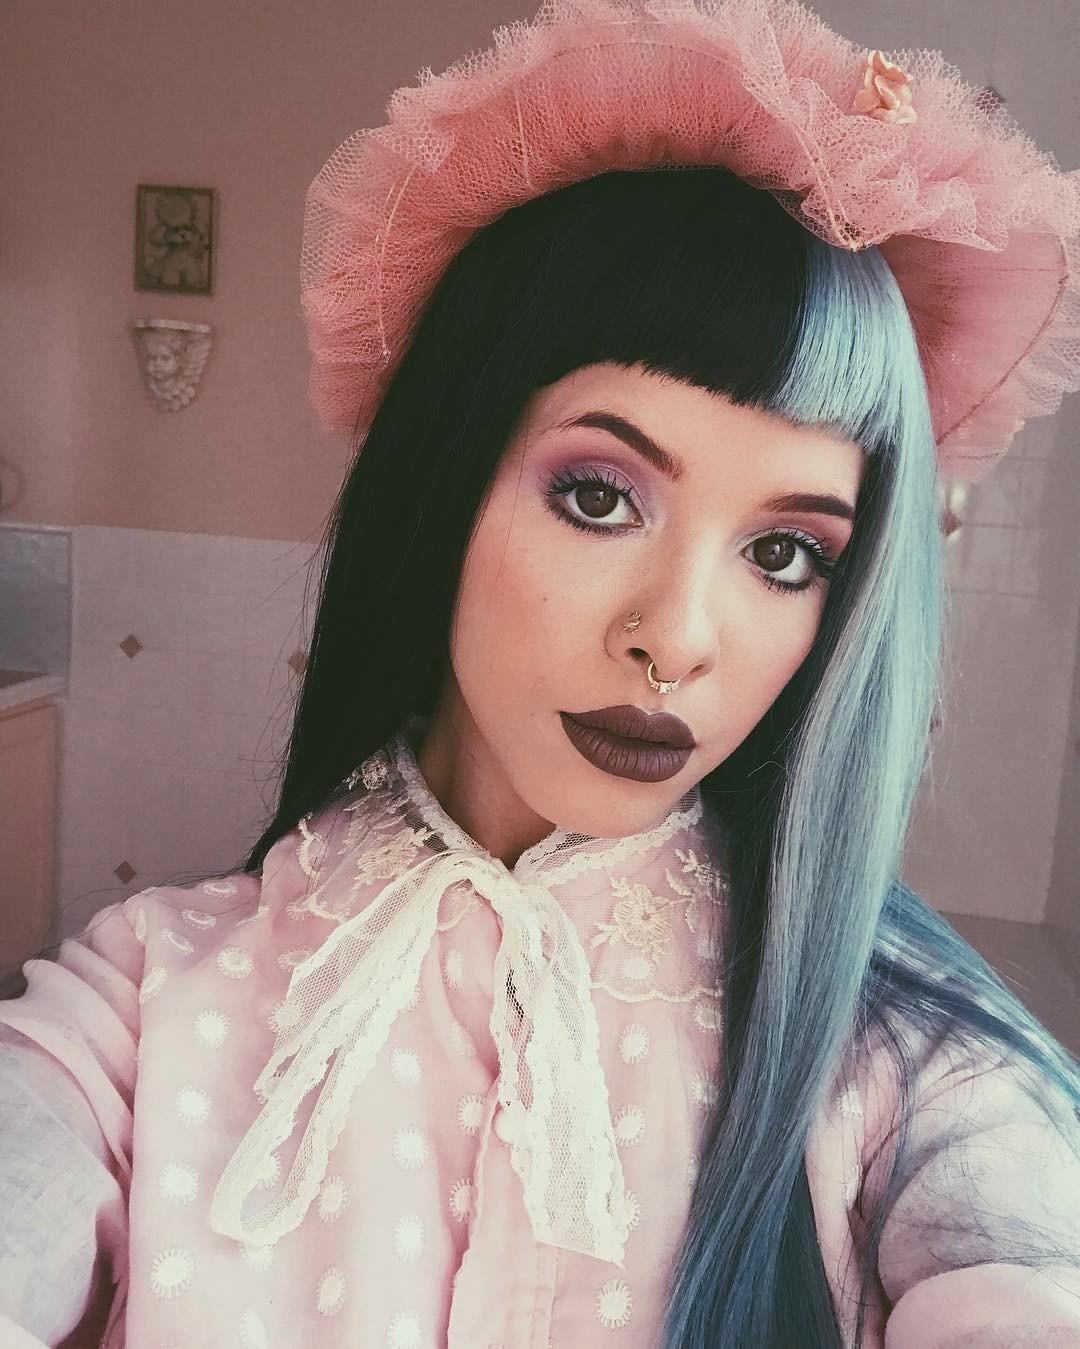 Melanie Martinez Instagram username